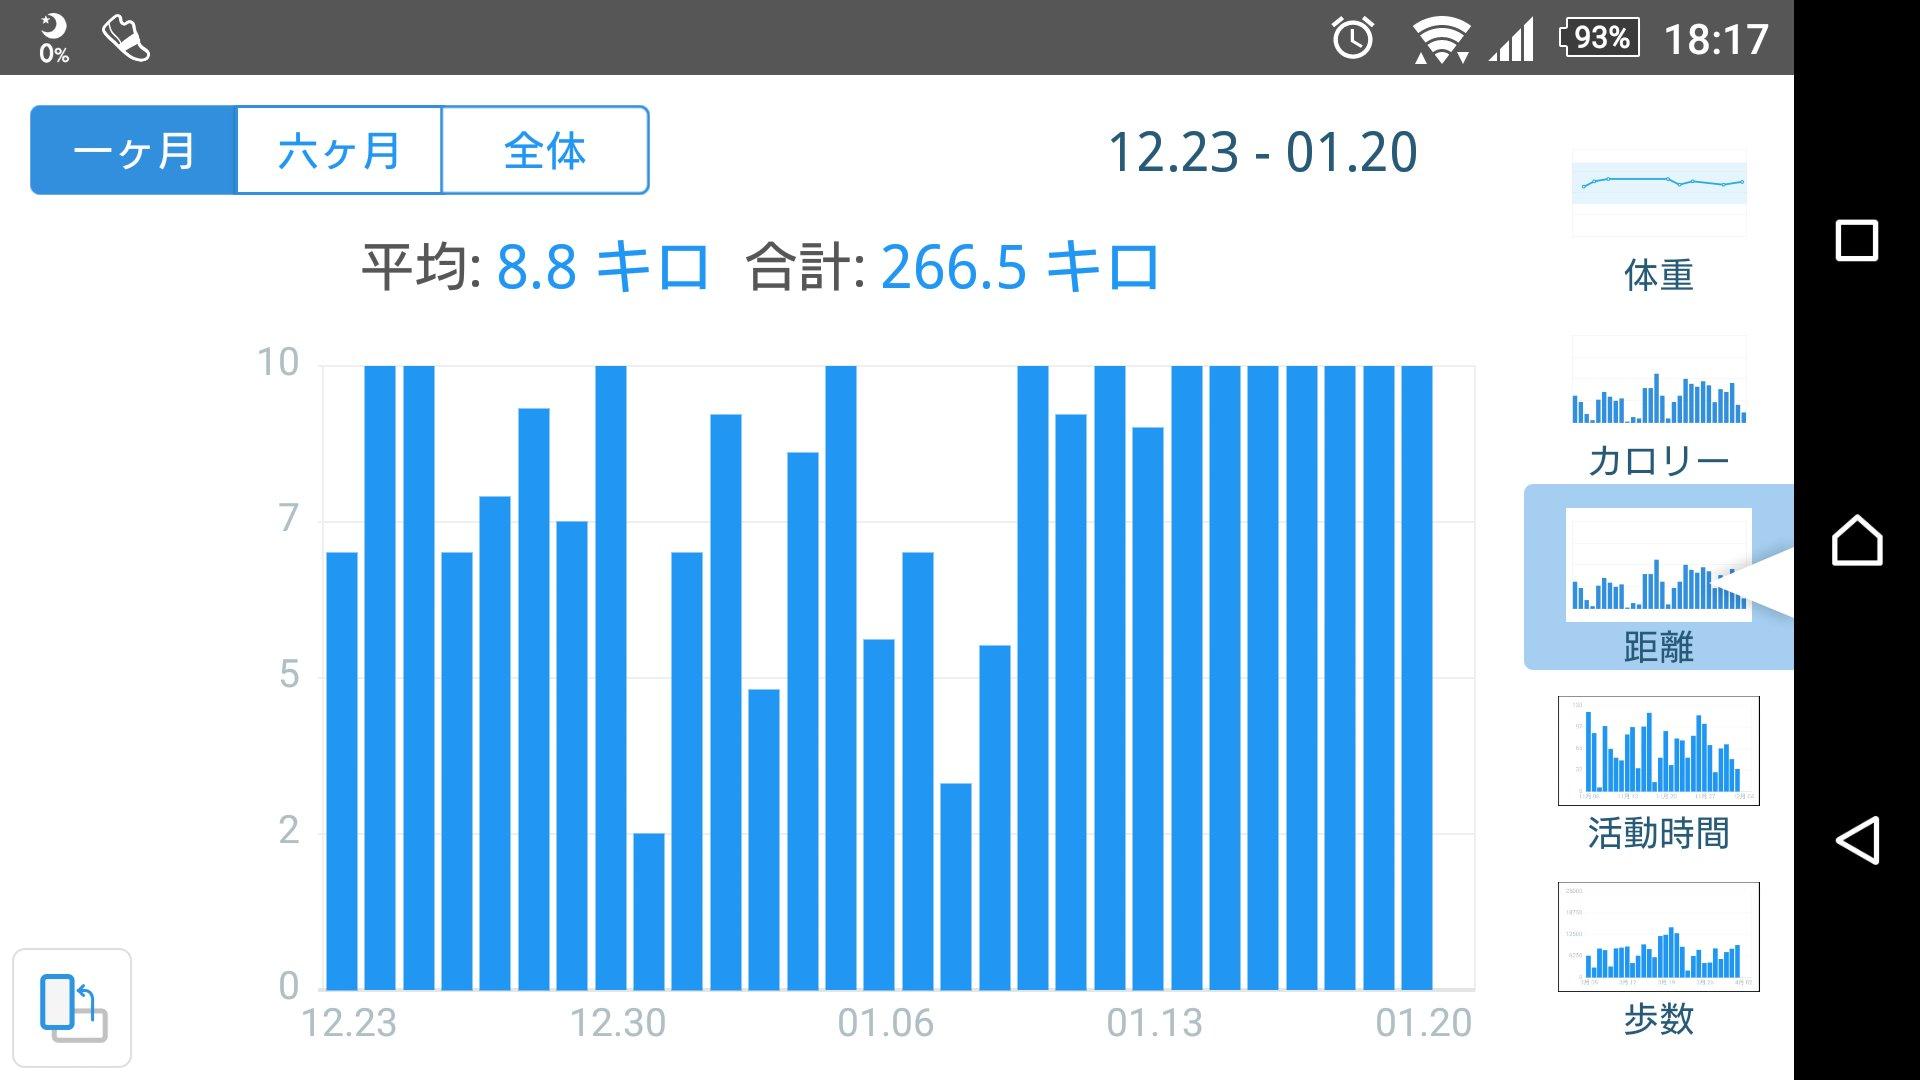 めちゃ歩いた‼ ☆さかなな☆さんの日誌写真